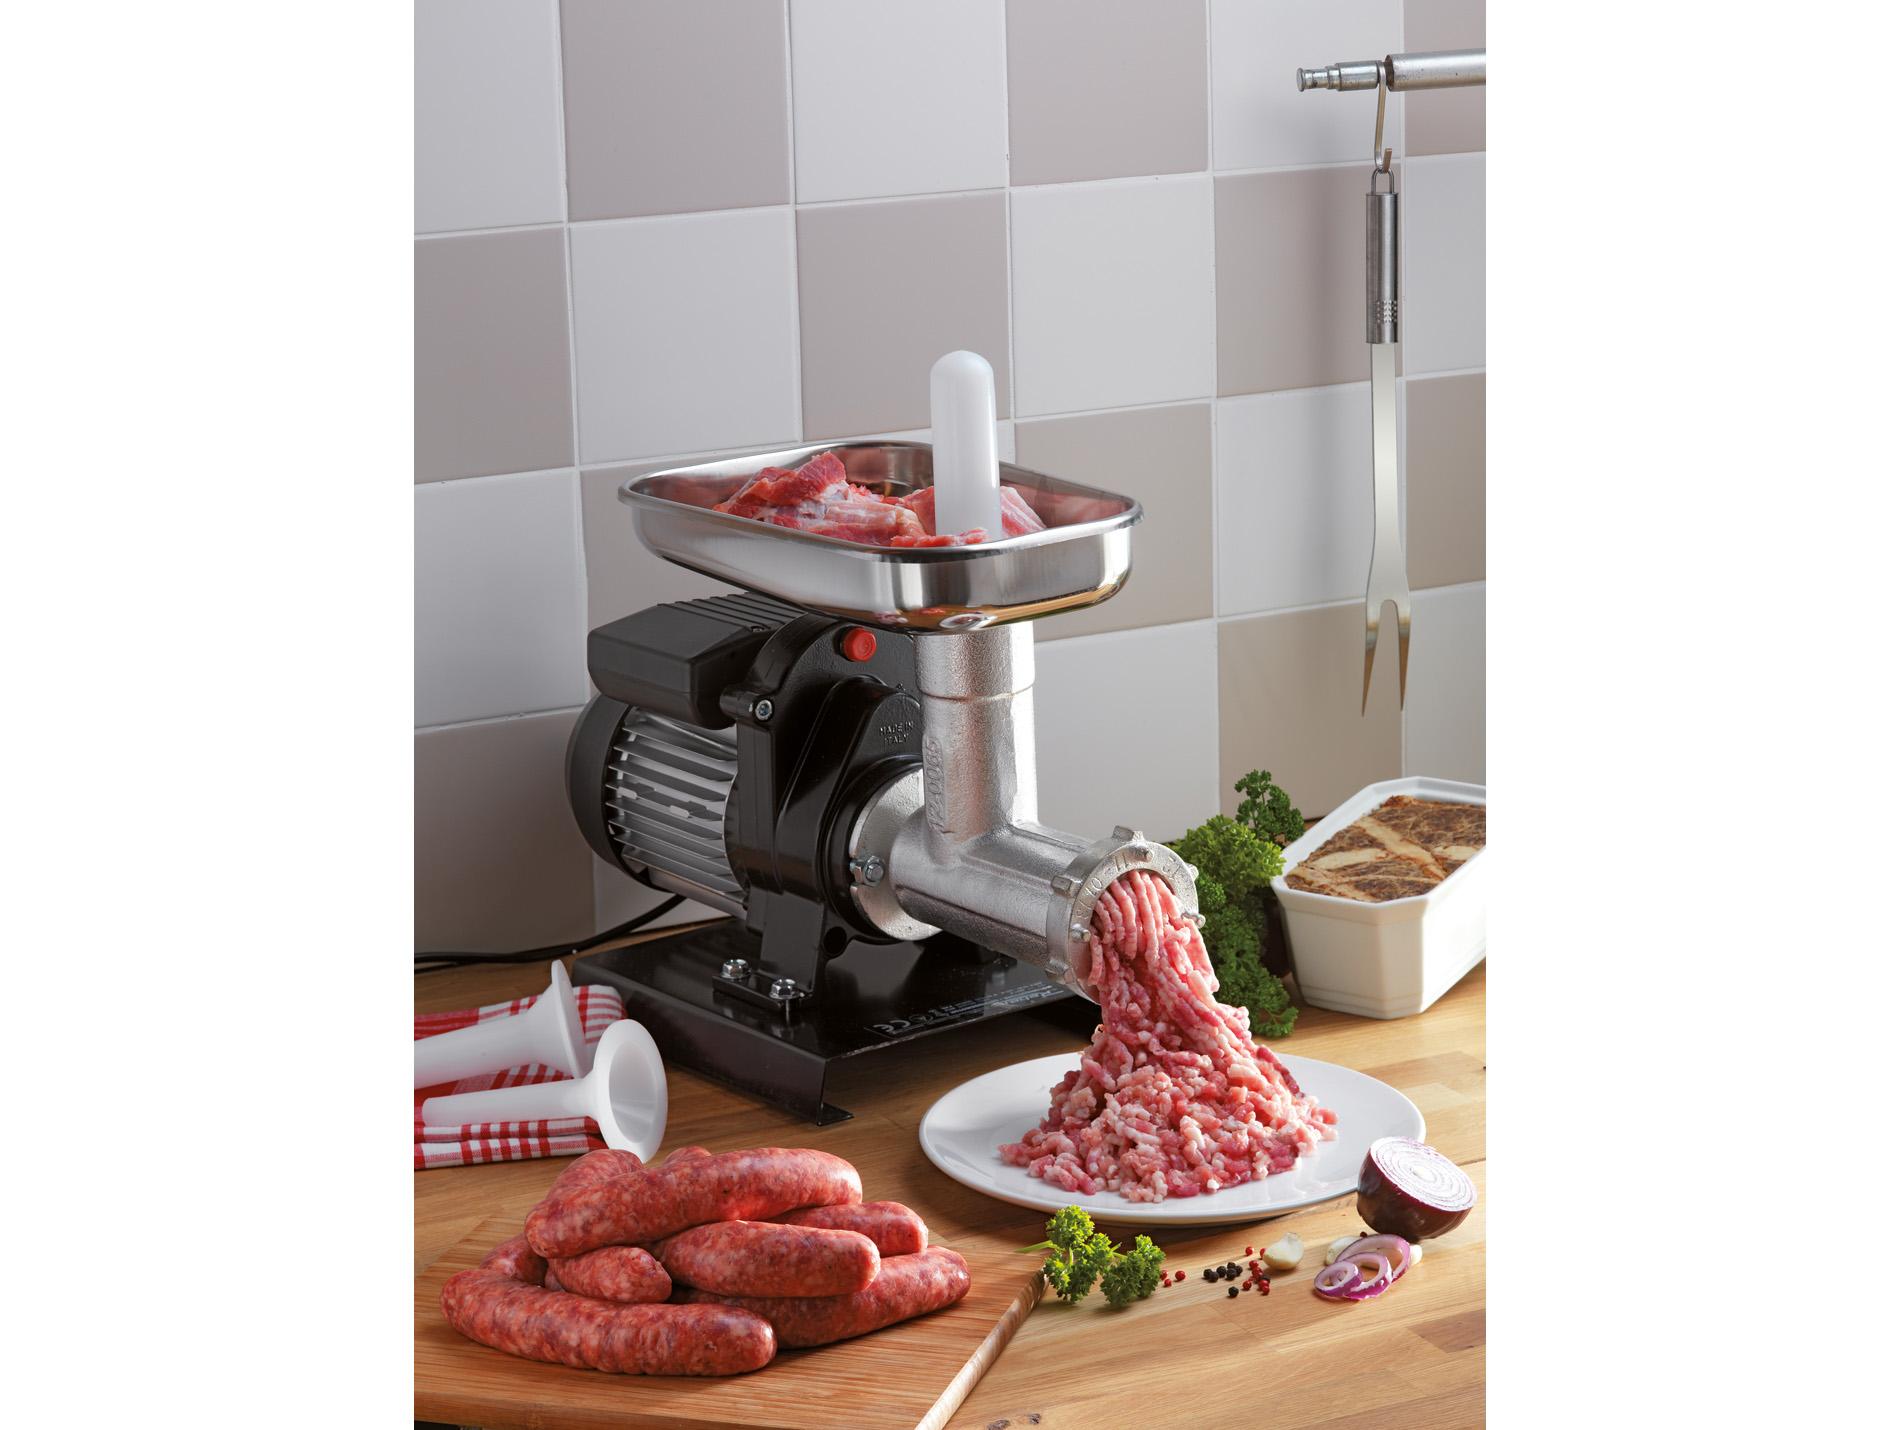 hachoir viande lectrique n 12 reber hachoir viande pr parations culinaires cuisine. Black Bedroom Furniture Sets. Home Design Ideas